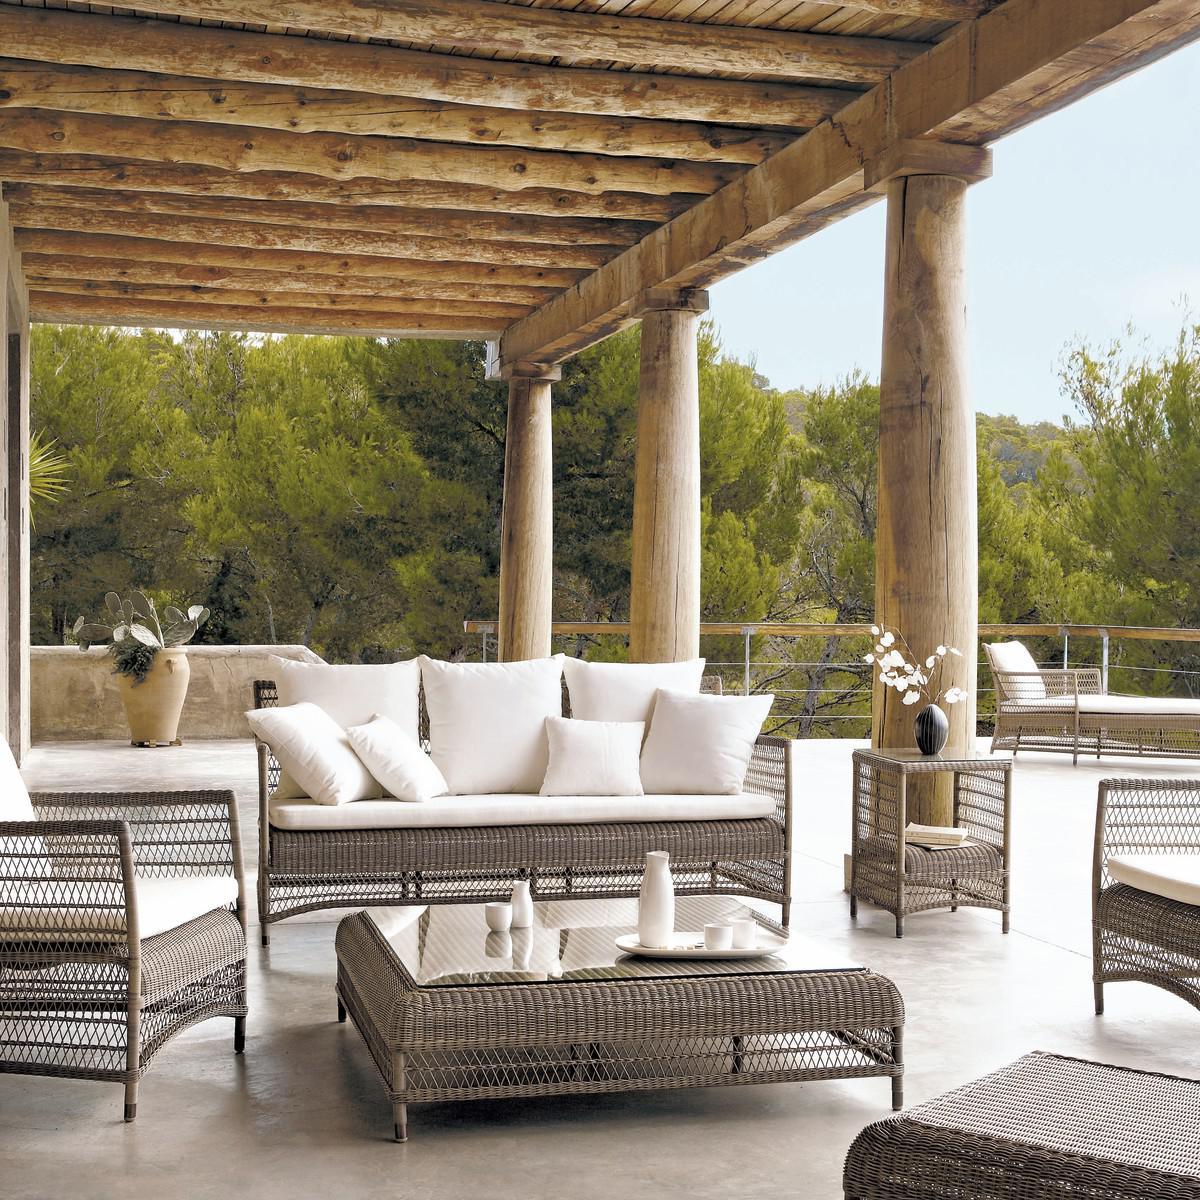 Malibu Lounge Chairs